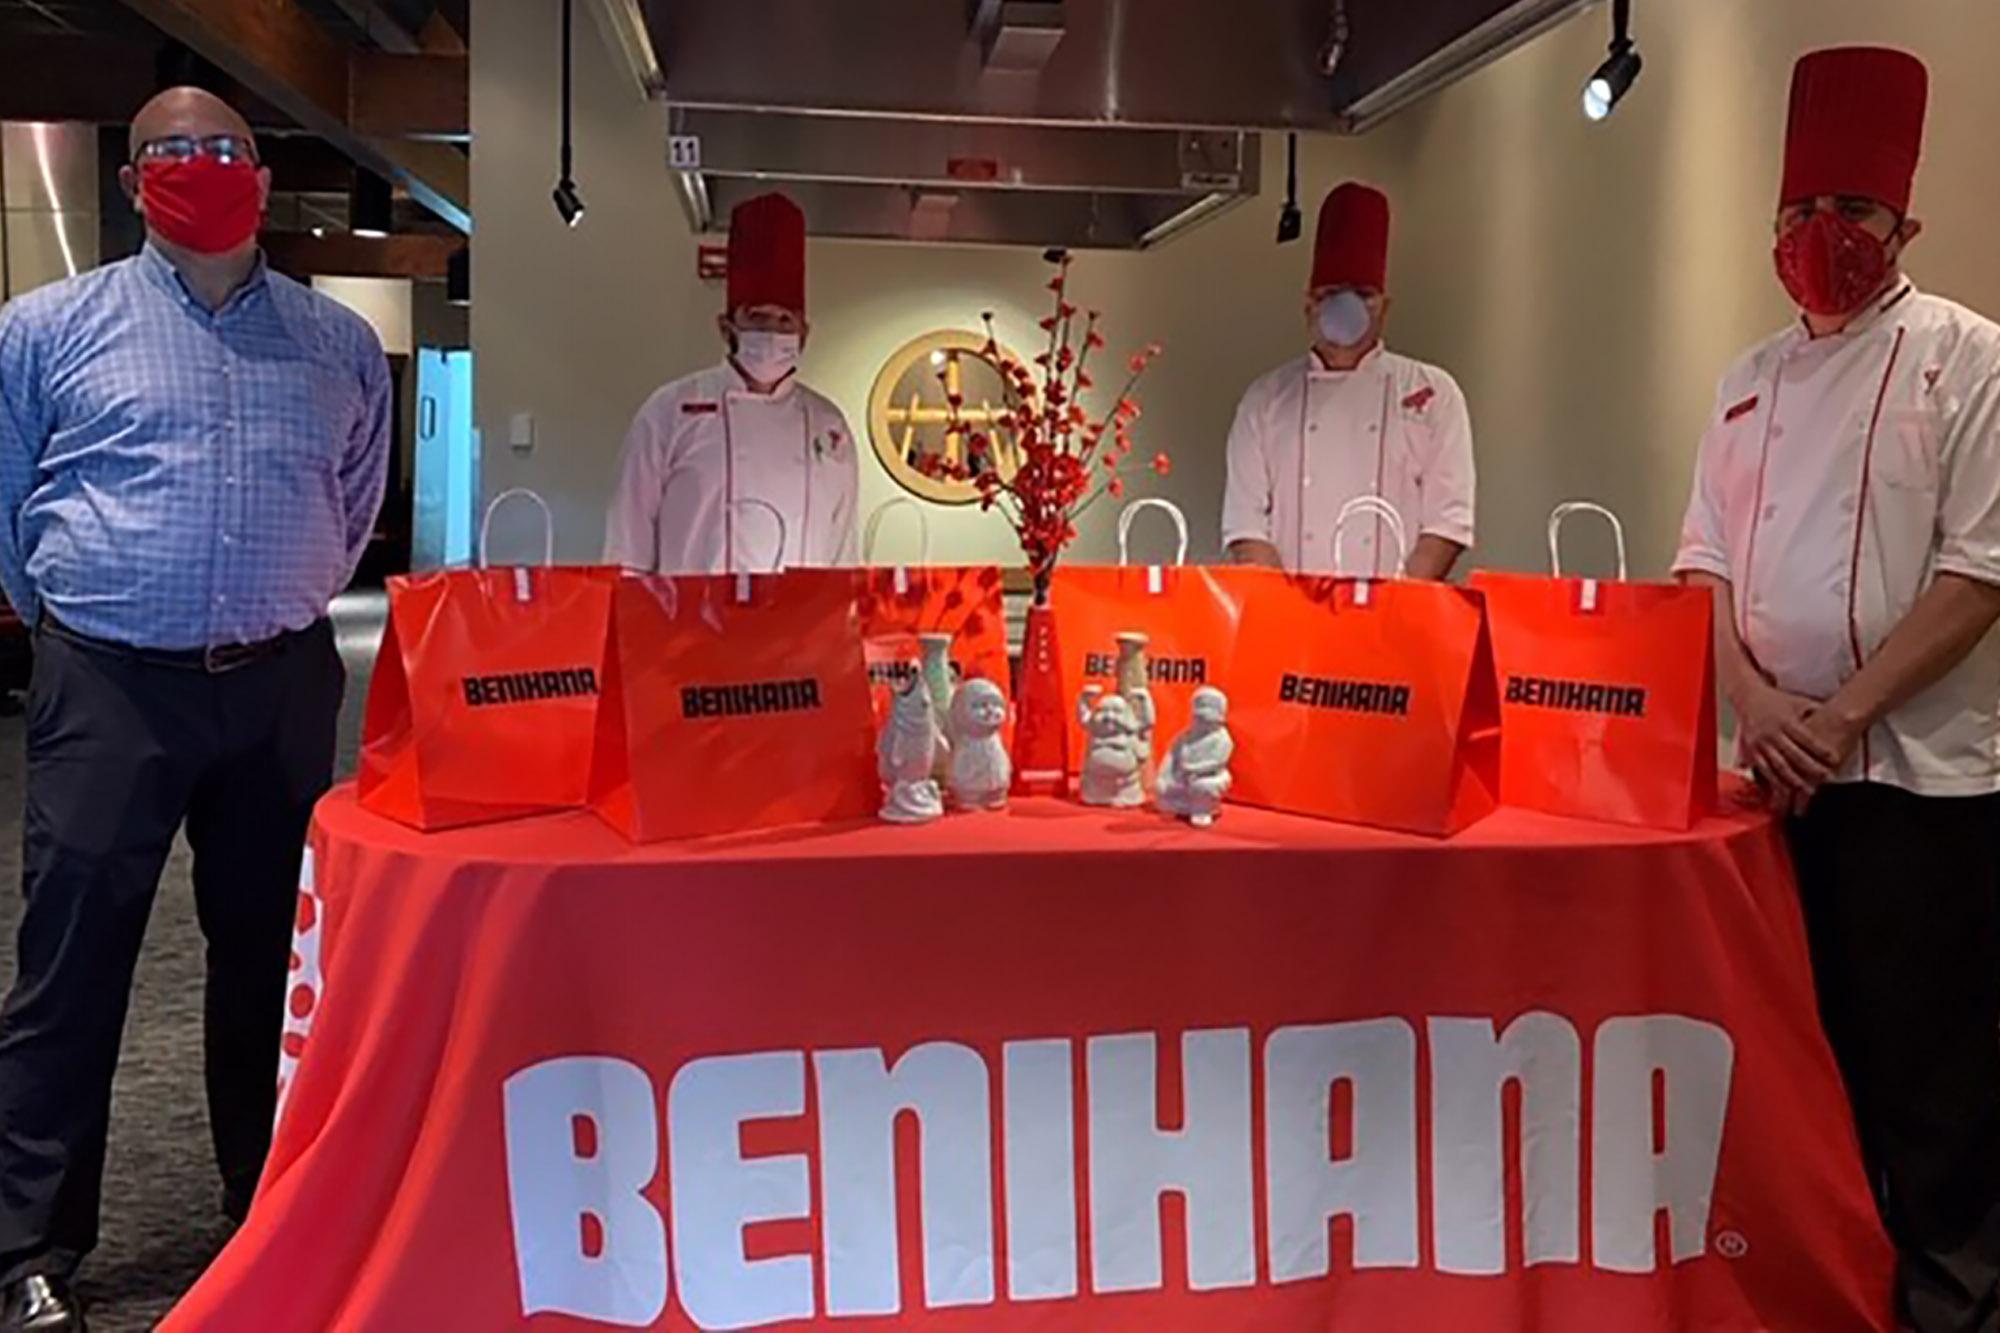 Benihana Cupertino donated 255 lunches